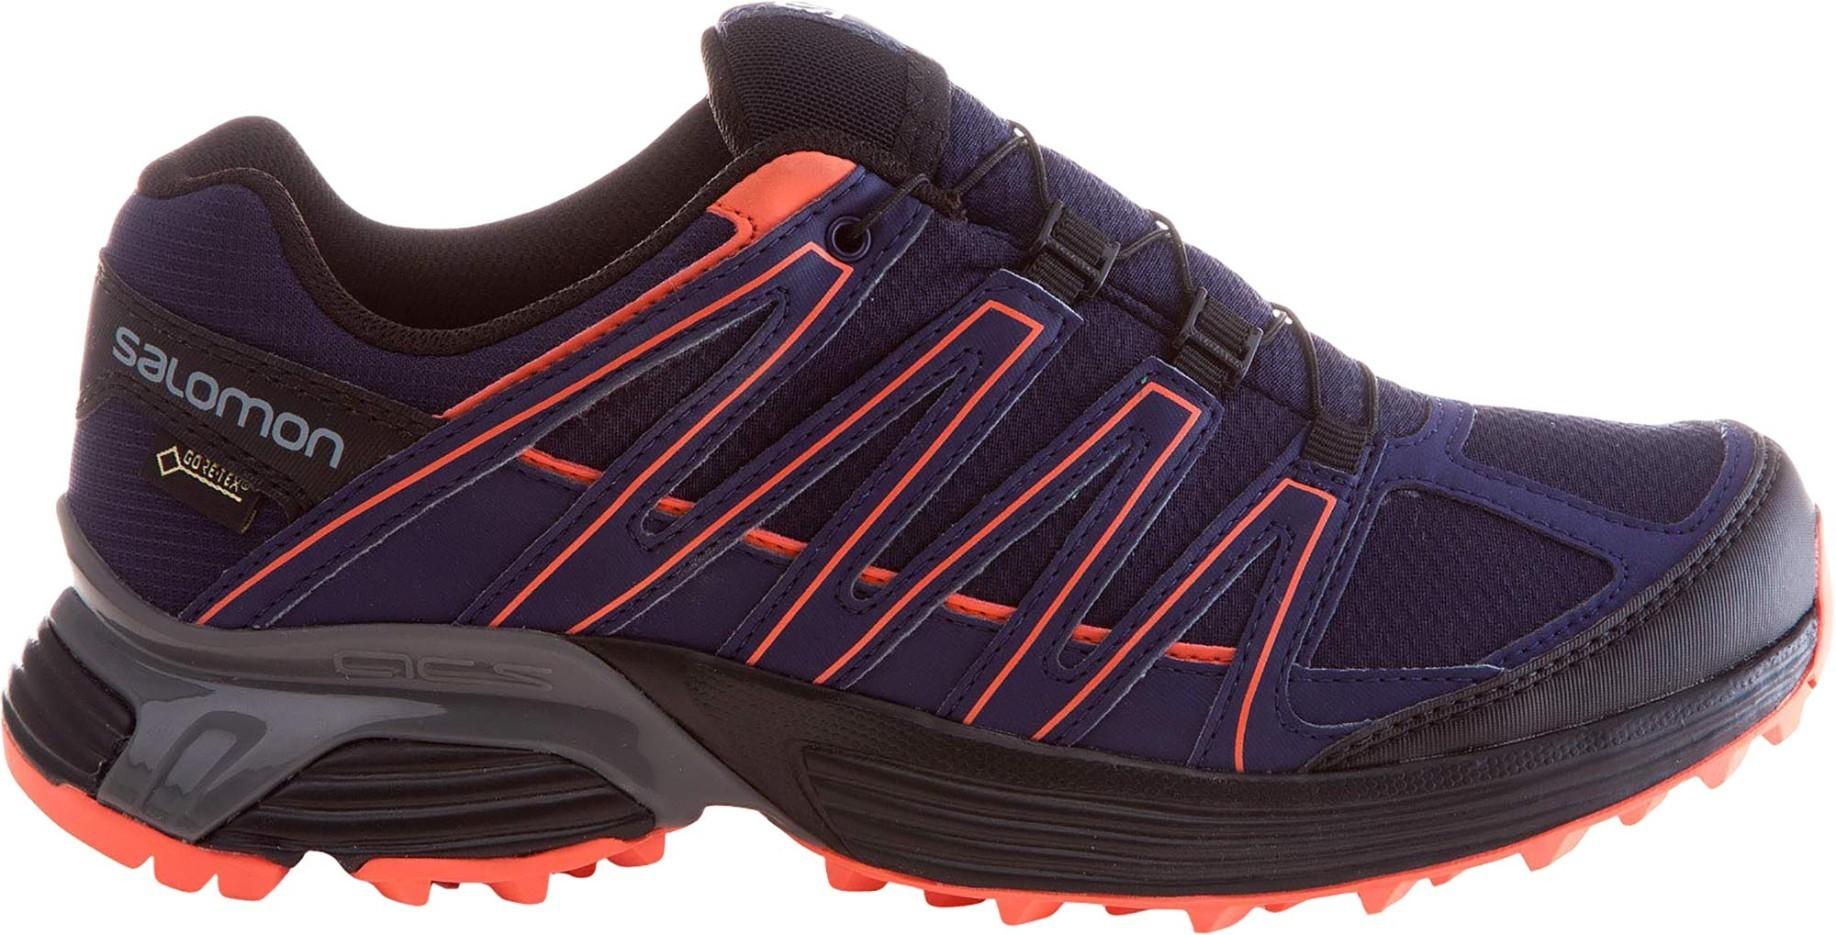 prodotto caldo il più grande sconto bellissimo aspetto Scarpe Trekking e scarponi Trekking - SportIT.com